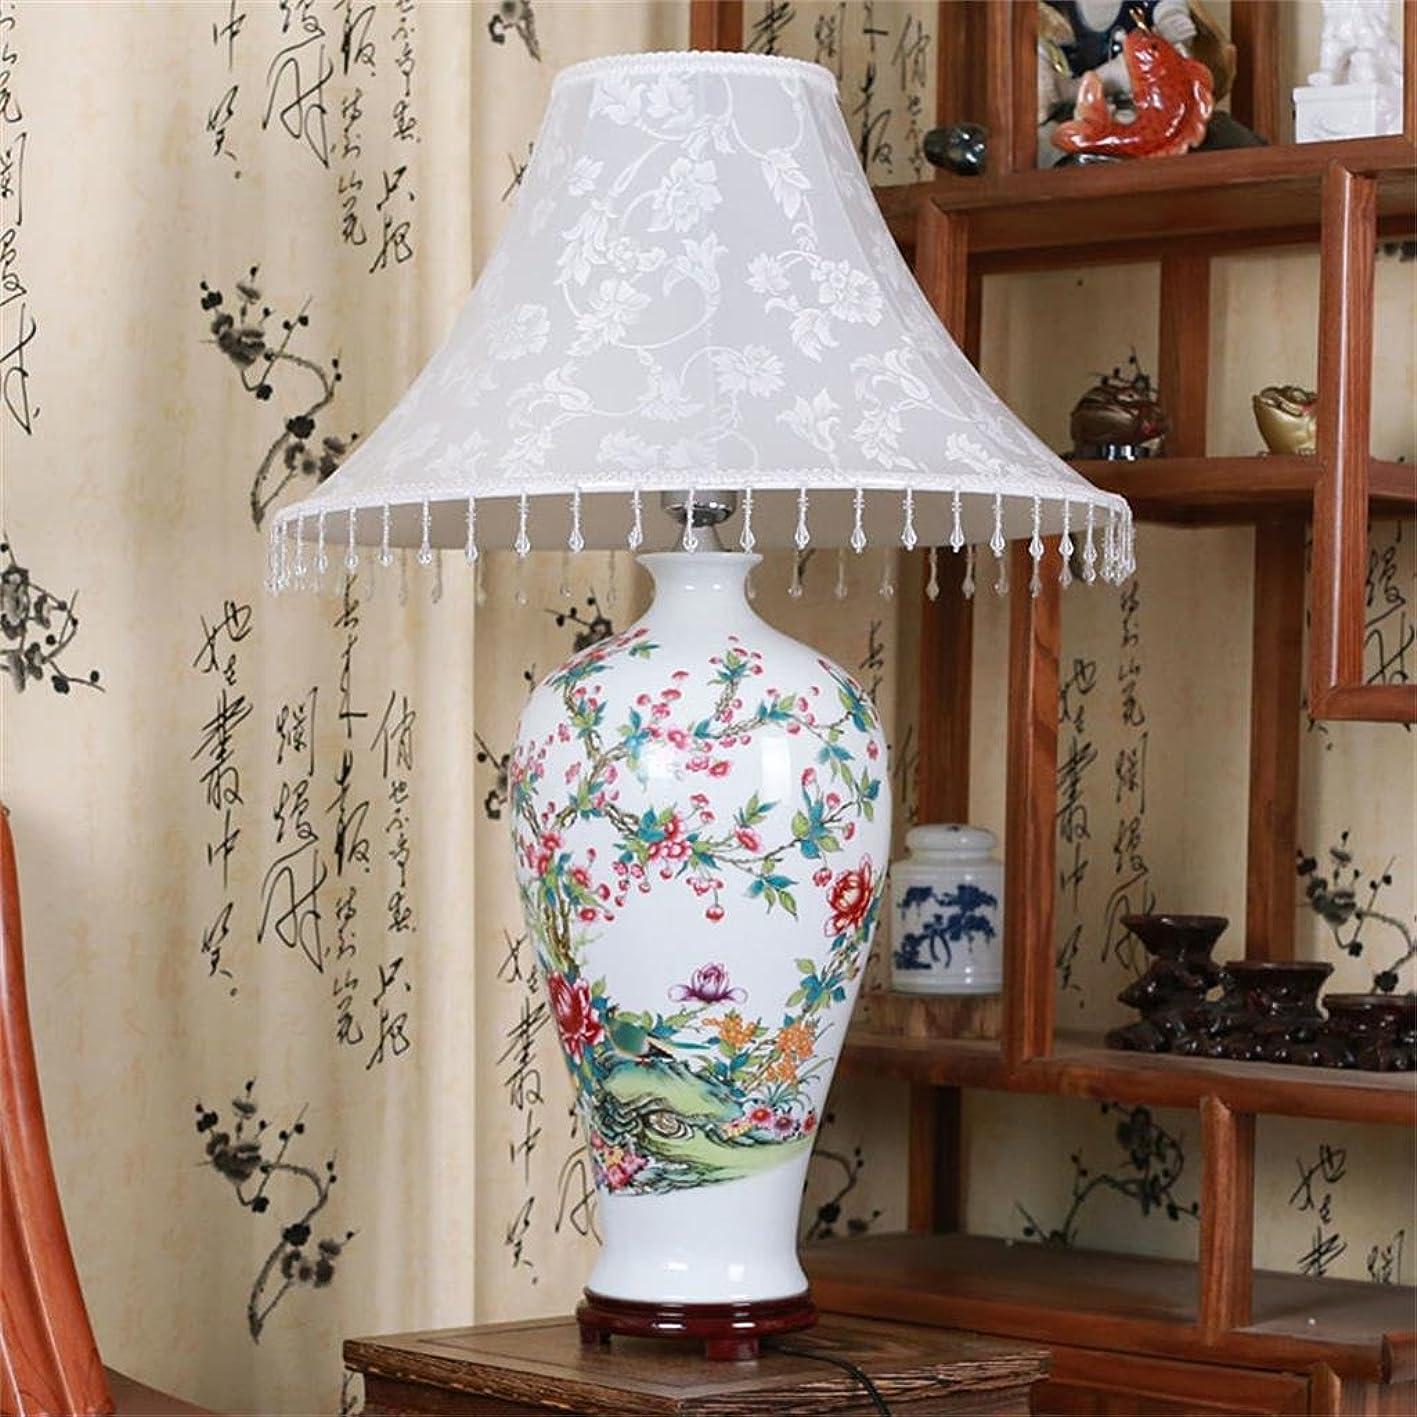 メイトトレイテーマ中国のテーブルランプの居間の陶磁器の照明創造的な牧歌的な古典的な装飾的なランプライト khuhgiu